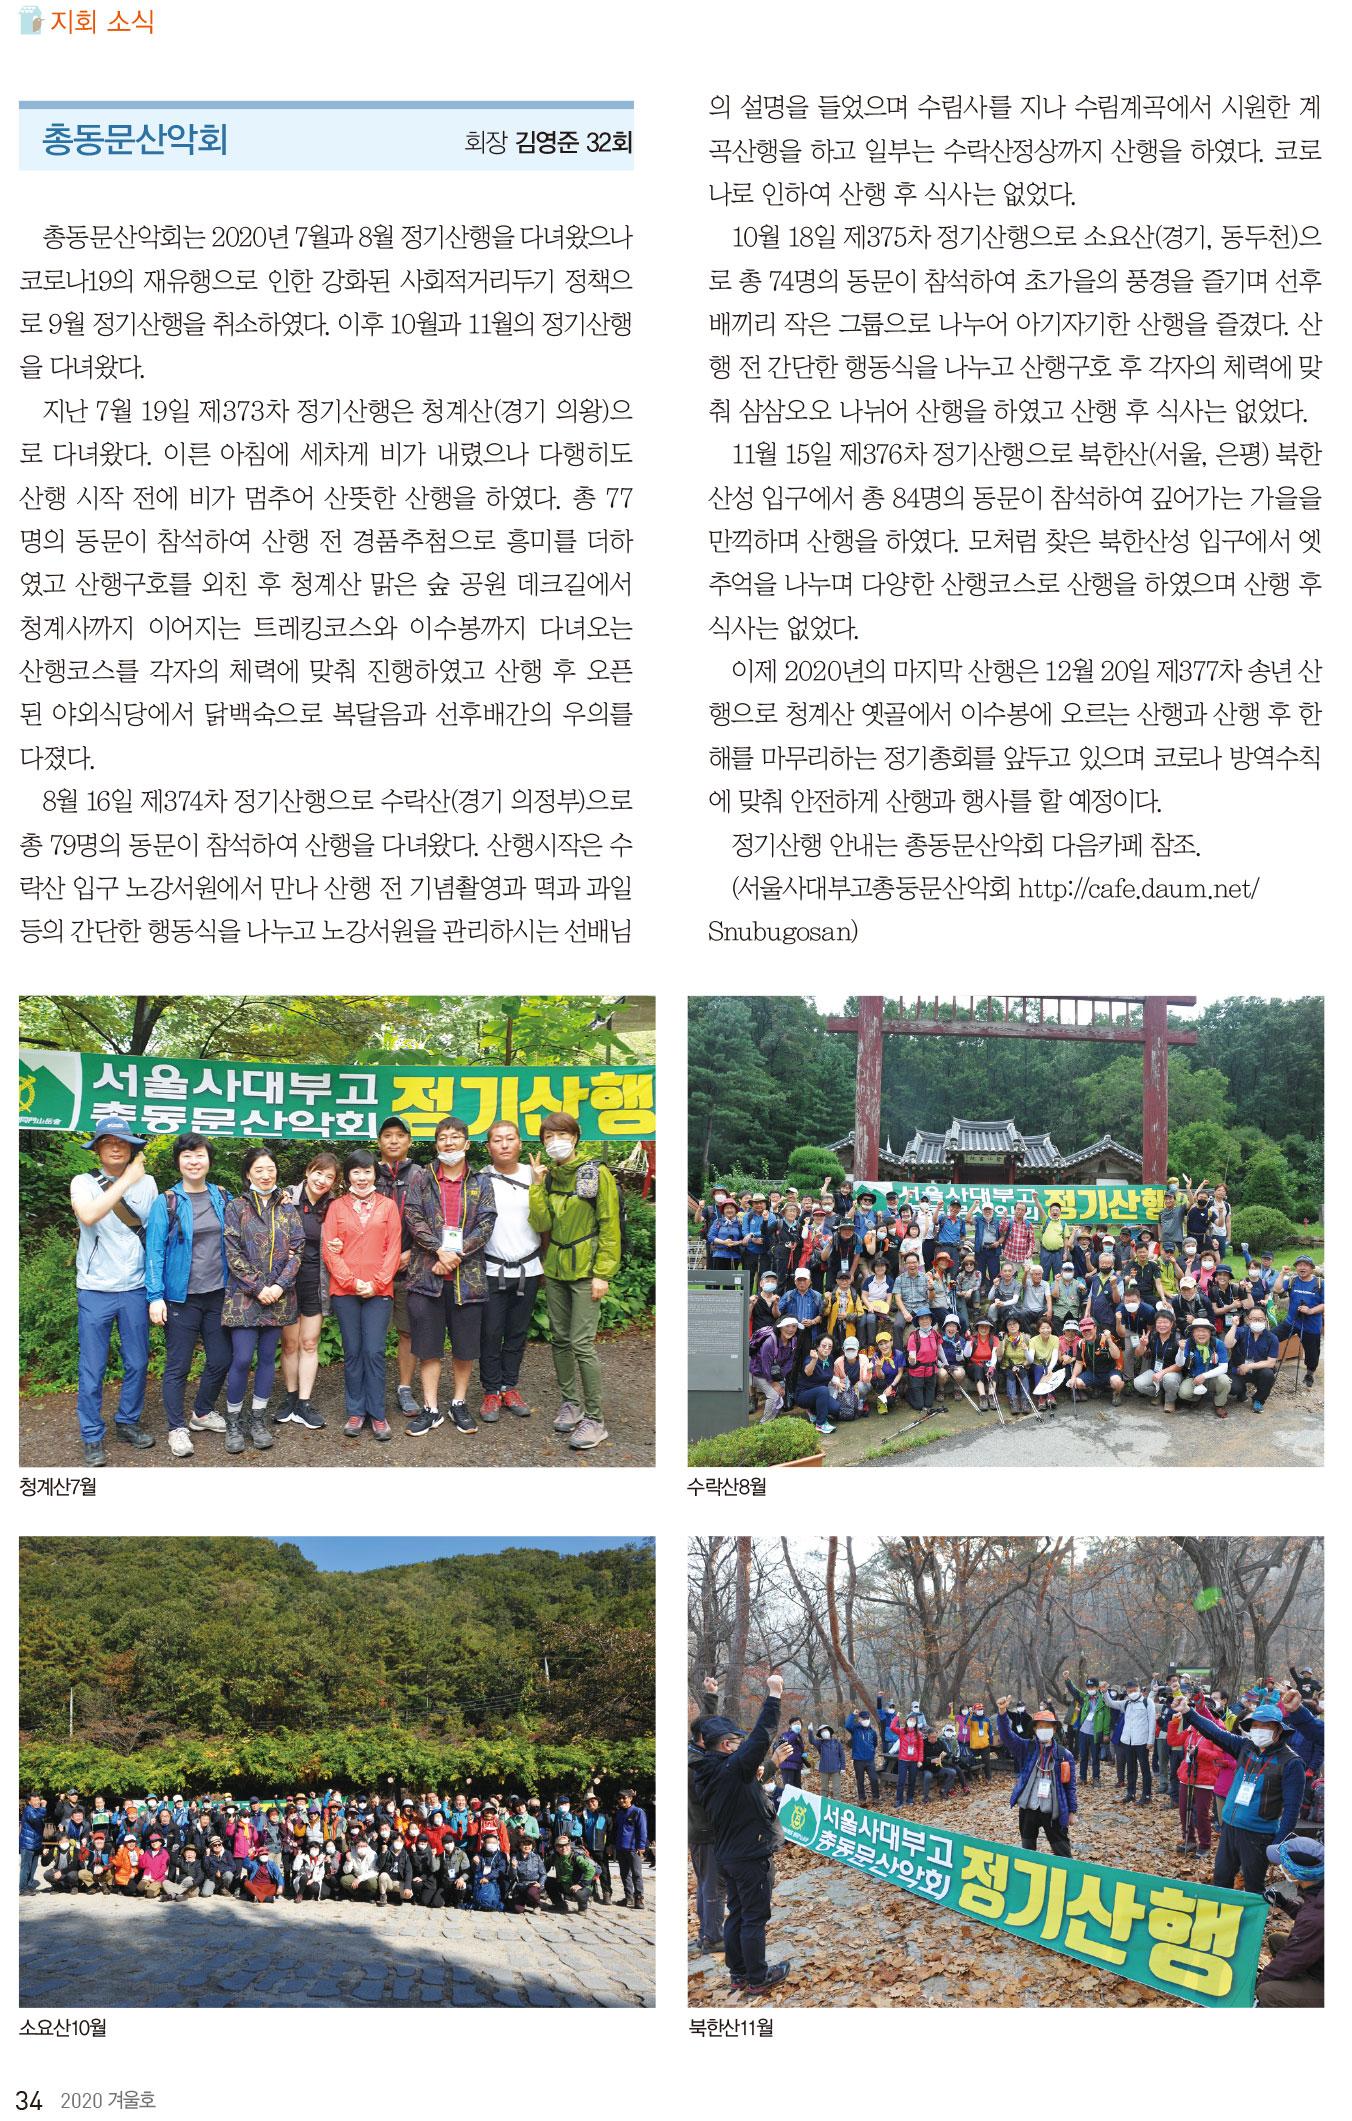 서울사대부고-115호-홈페이지-34.jpg